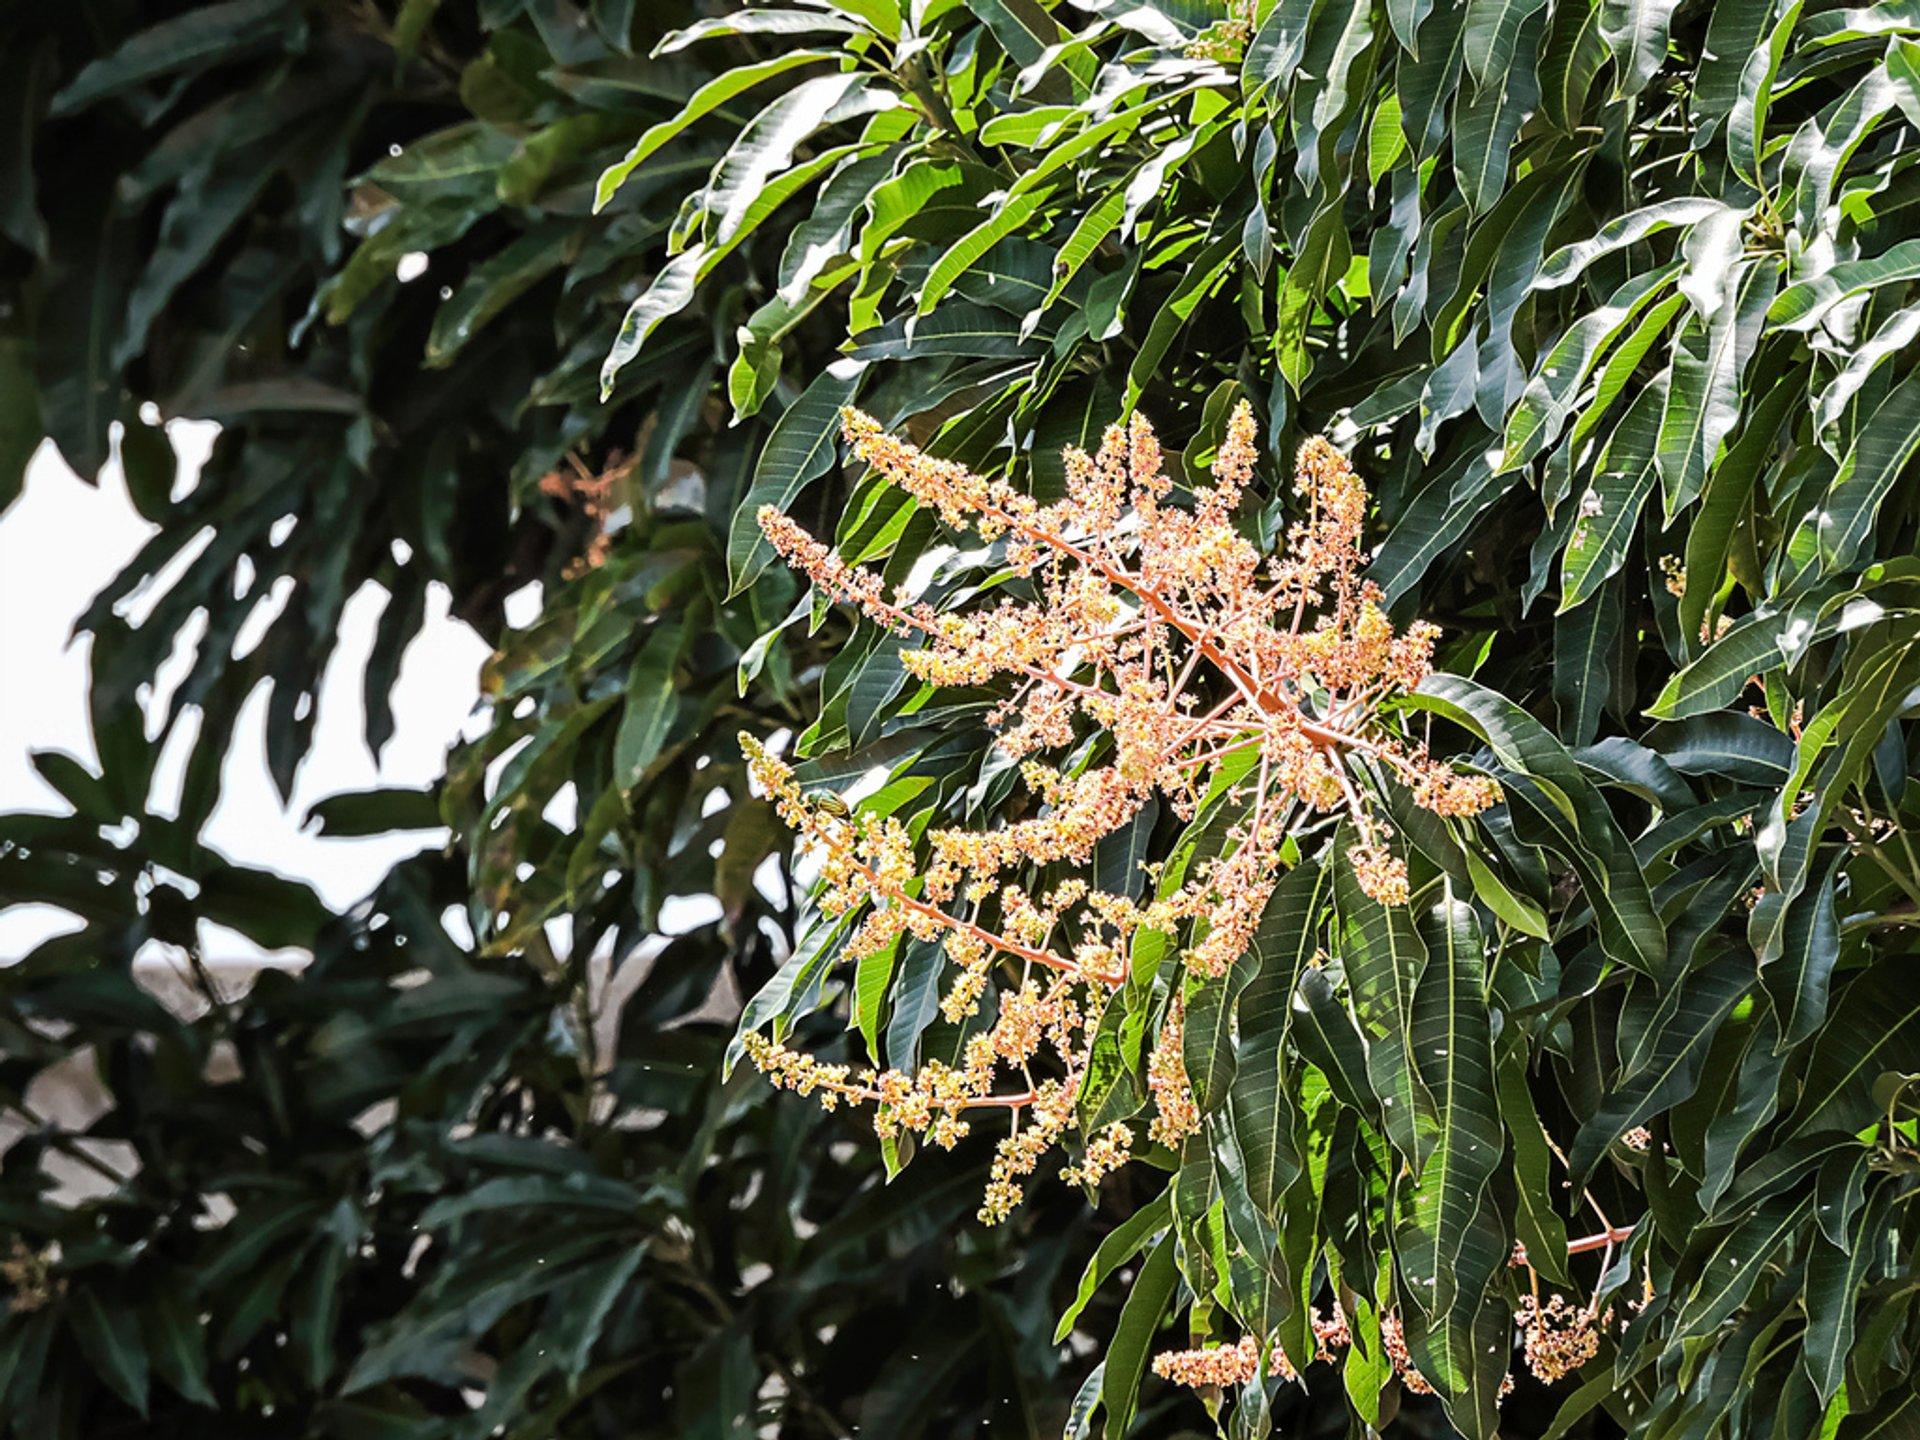 Mango Trees in Bloom in Rio de Janeiro - Best Time